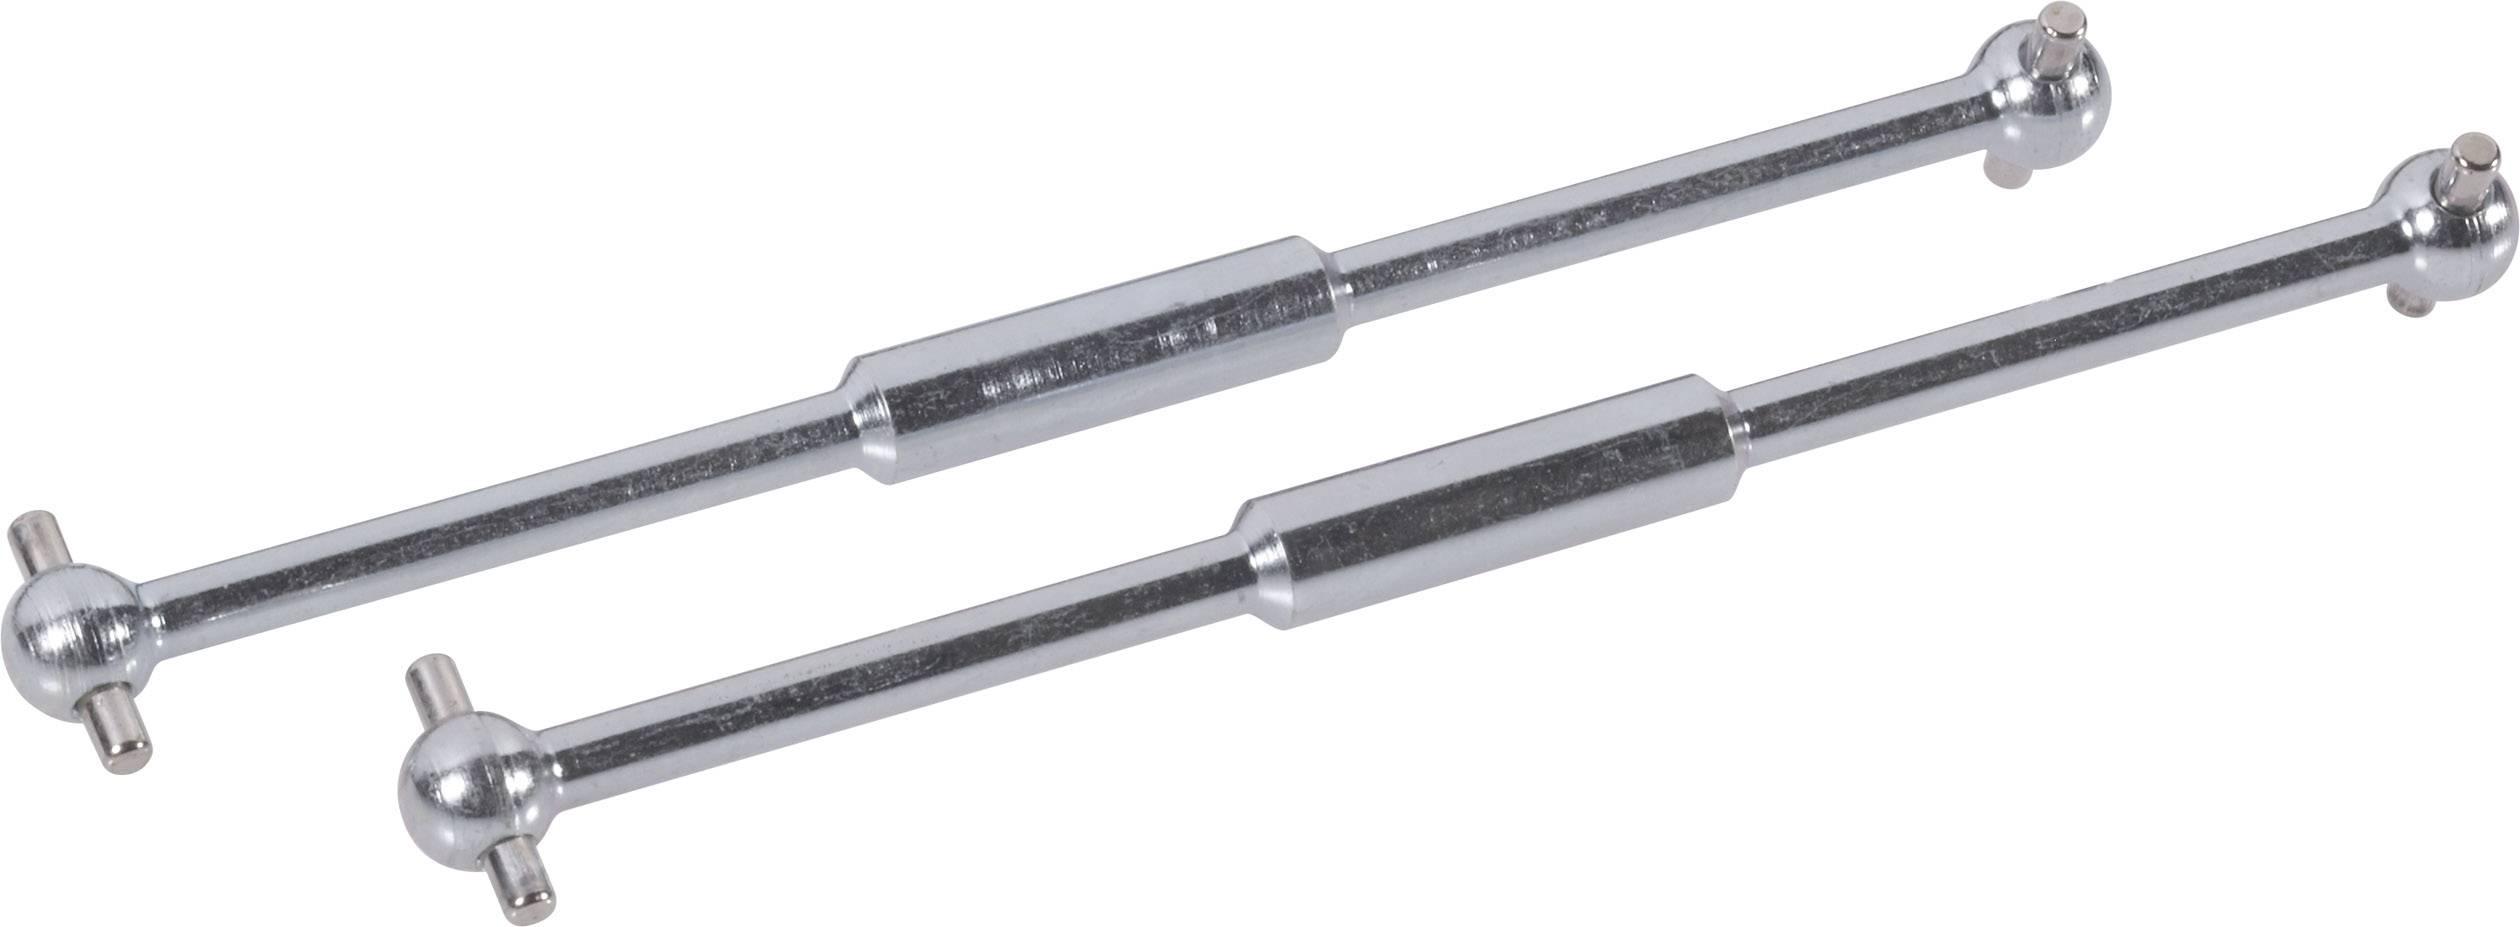 Hnací hřídel Reely 85,5 mm, 2 ks, 1:10 (CB356)